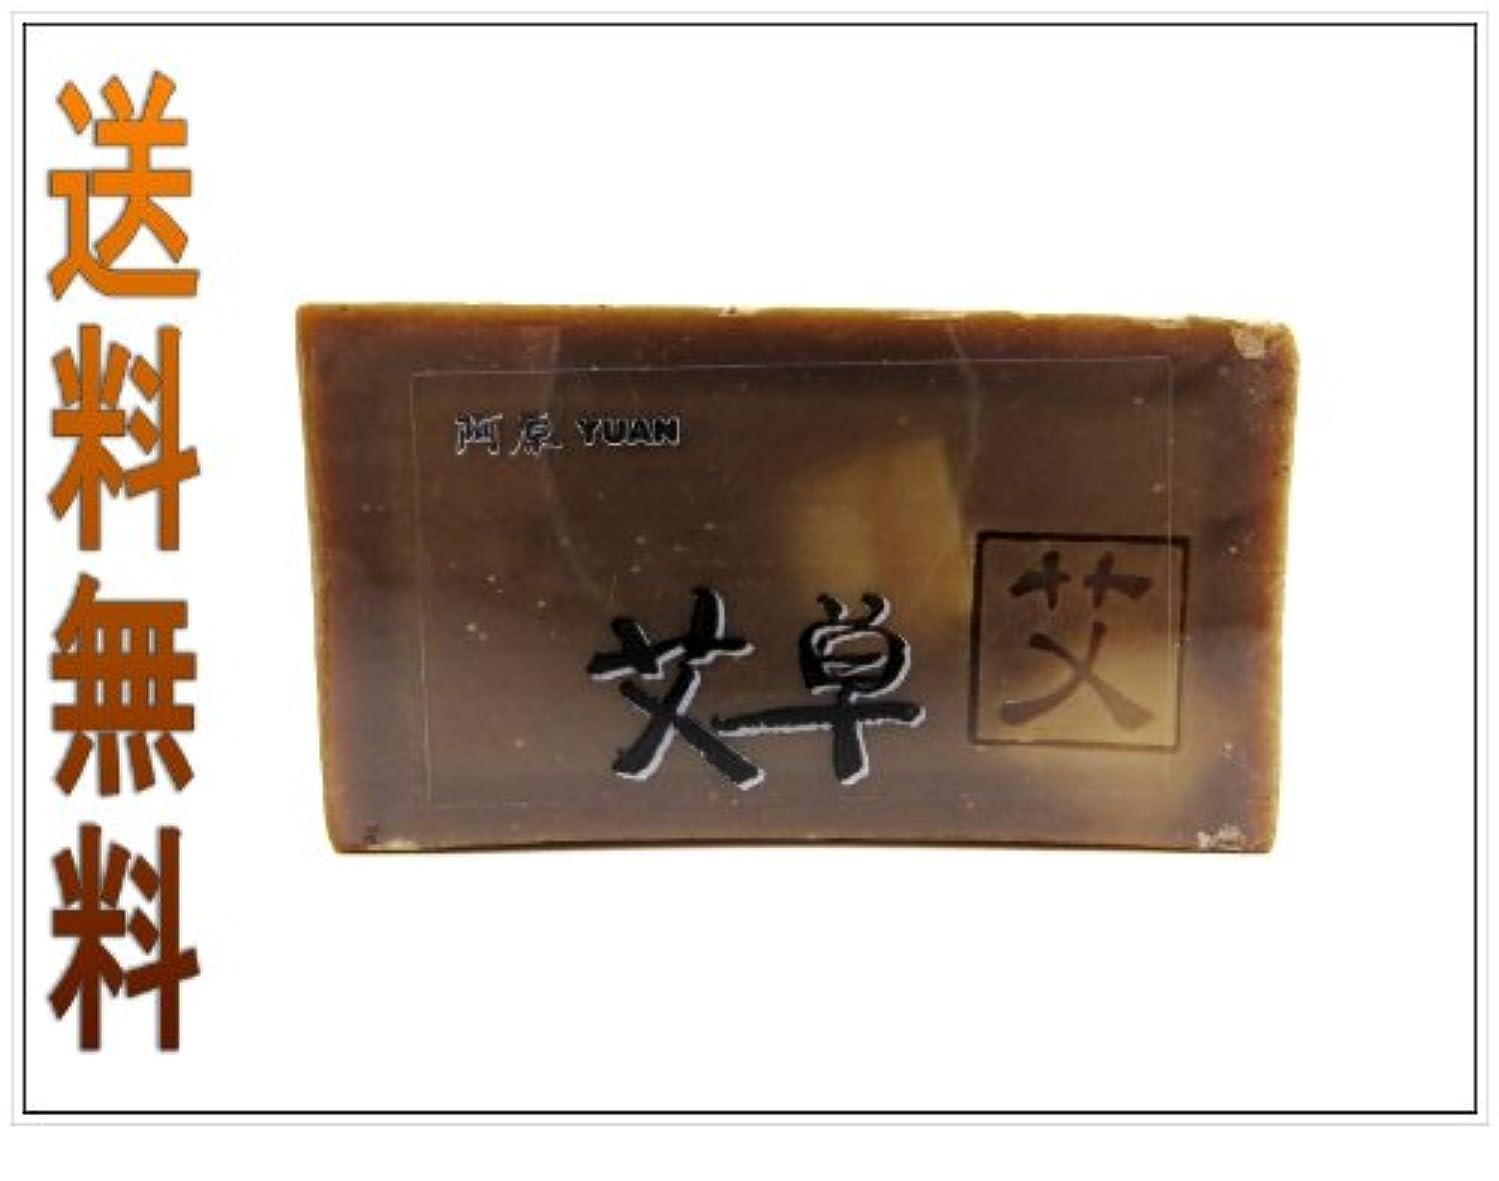 ドルヒント情熱的阿原石鹸 ヨモギ 艾草